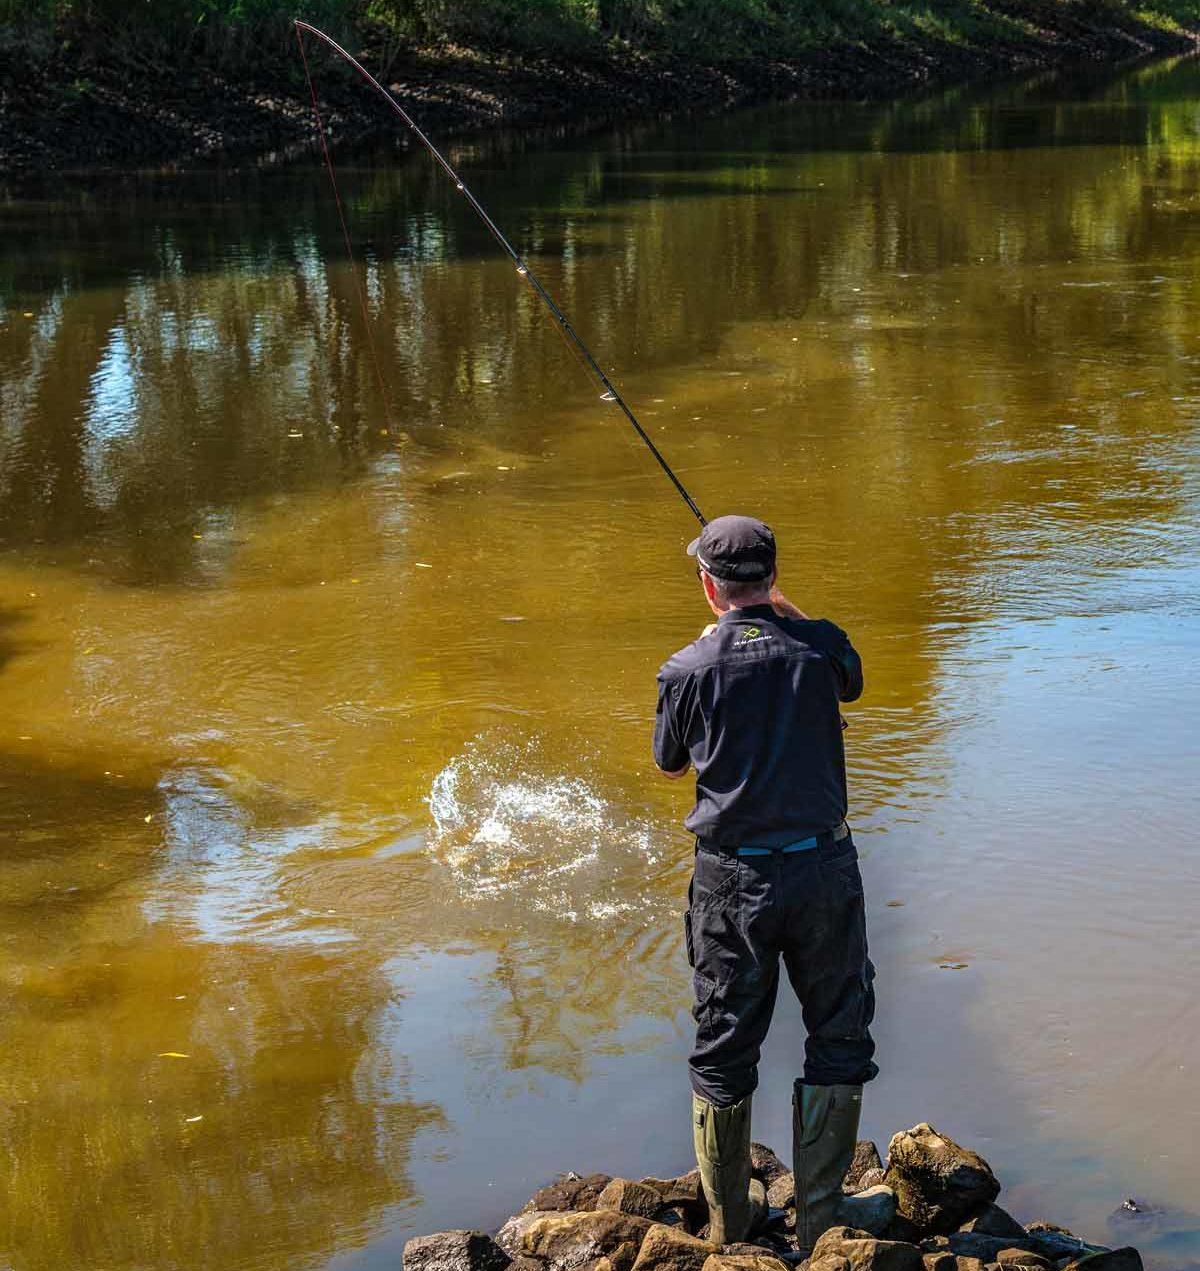 Rolf verwendet beim Angeln mit Grundel auf Zander am liebsten die Dropshot-Methode und benutzt hierbei die gleichen Ruten wie zum Spinnfischen mit Jig und Gummi.